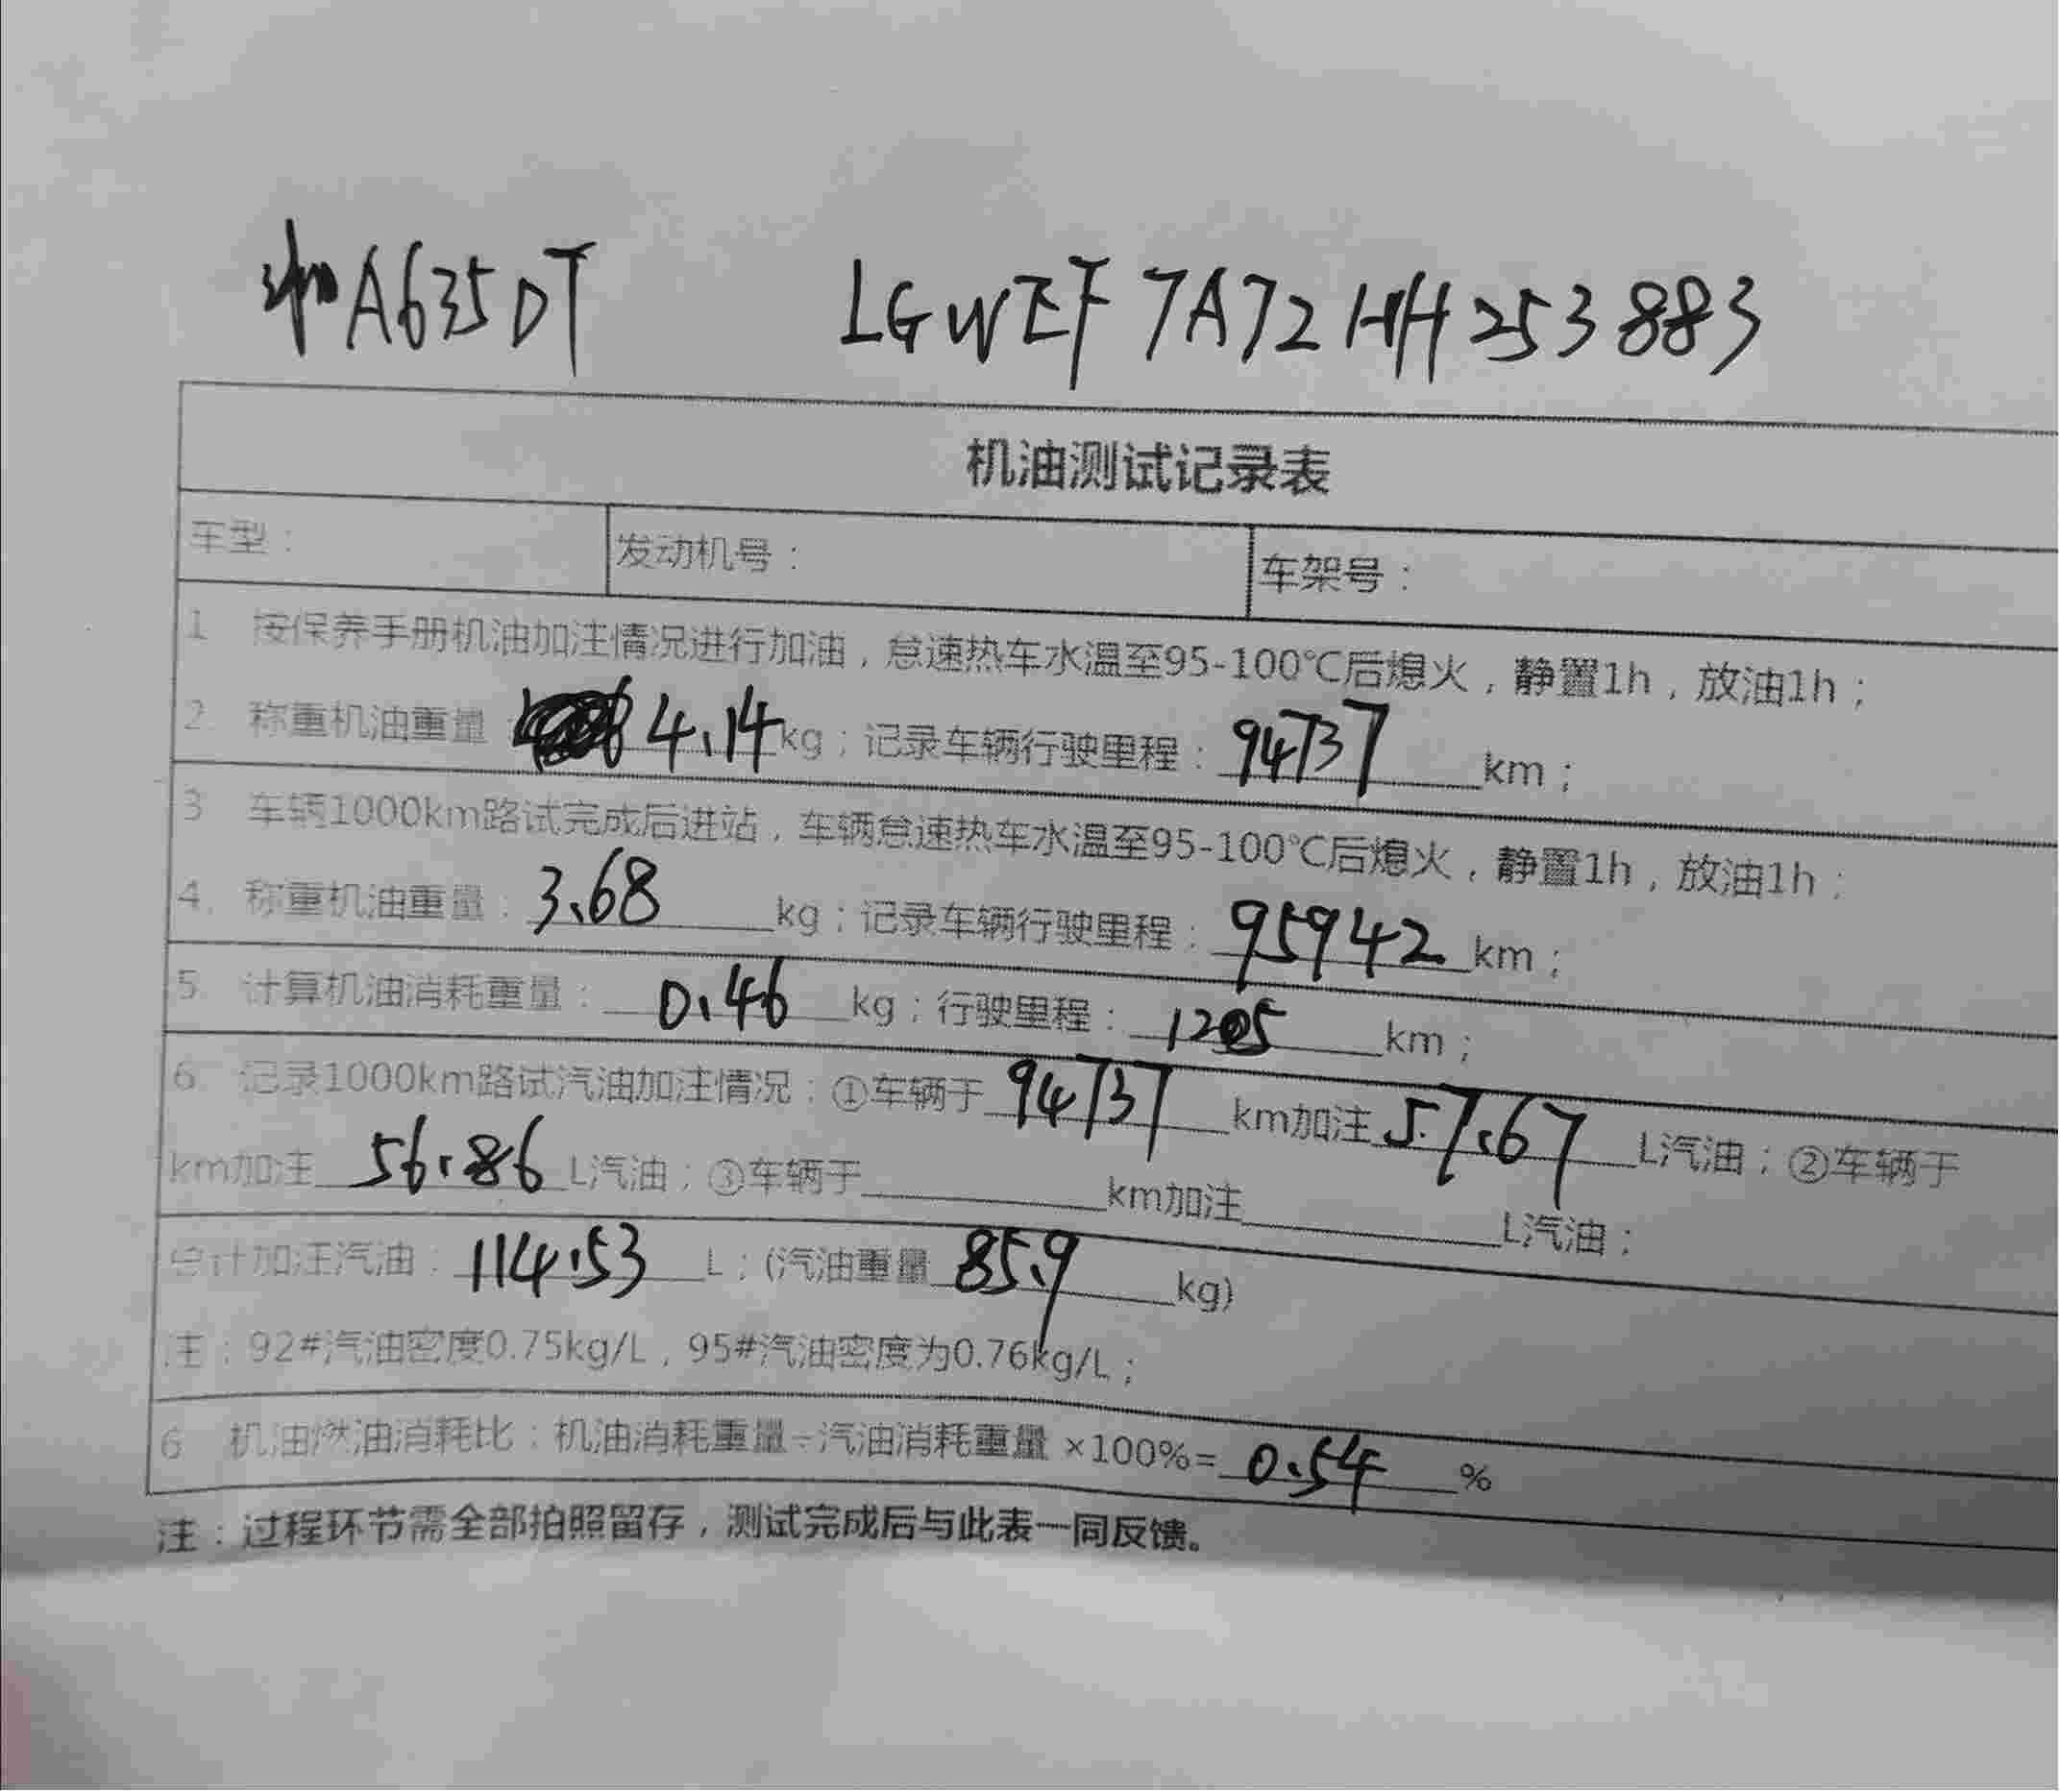 长城魏派2017款vv7s发动机烧机油